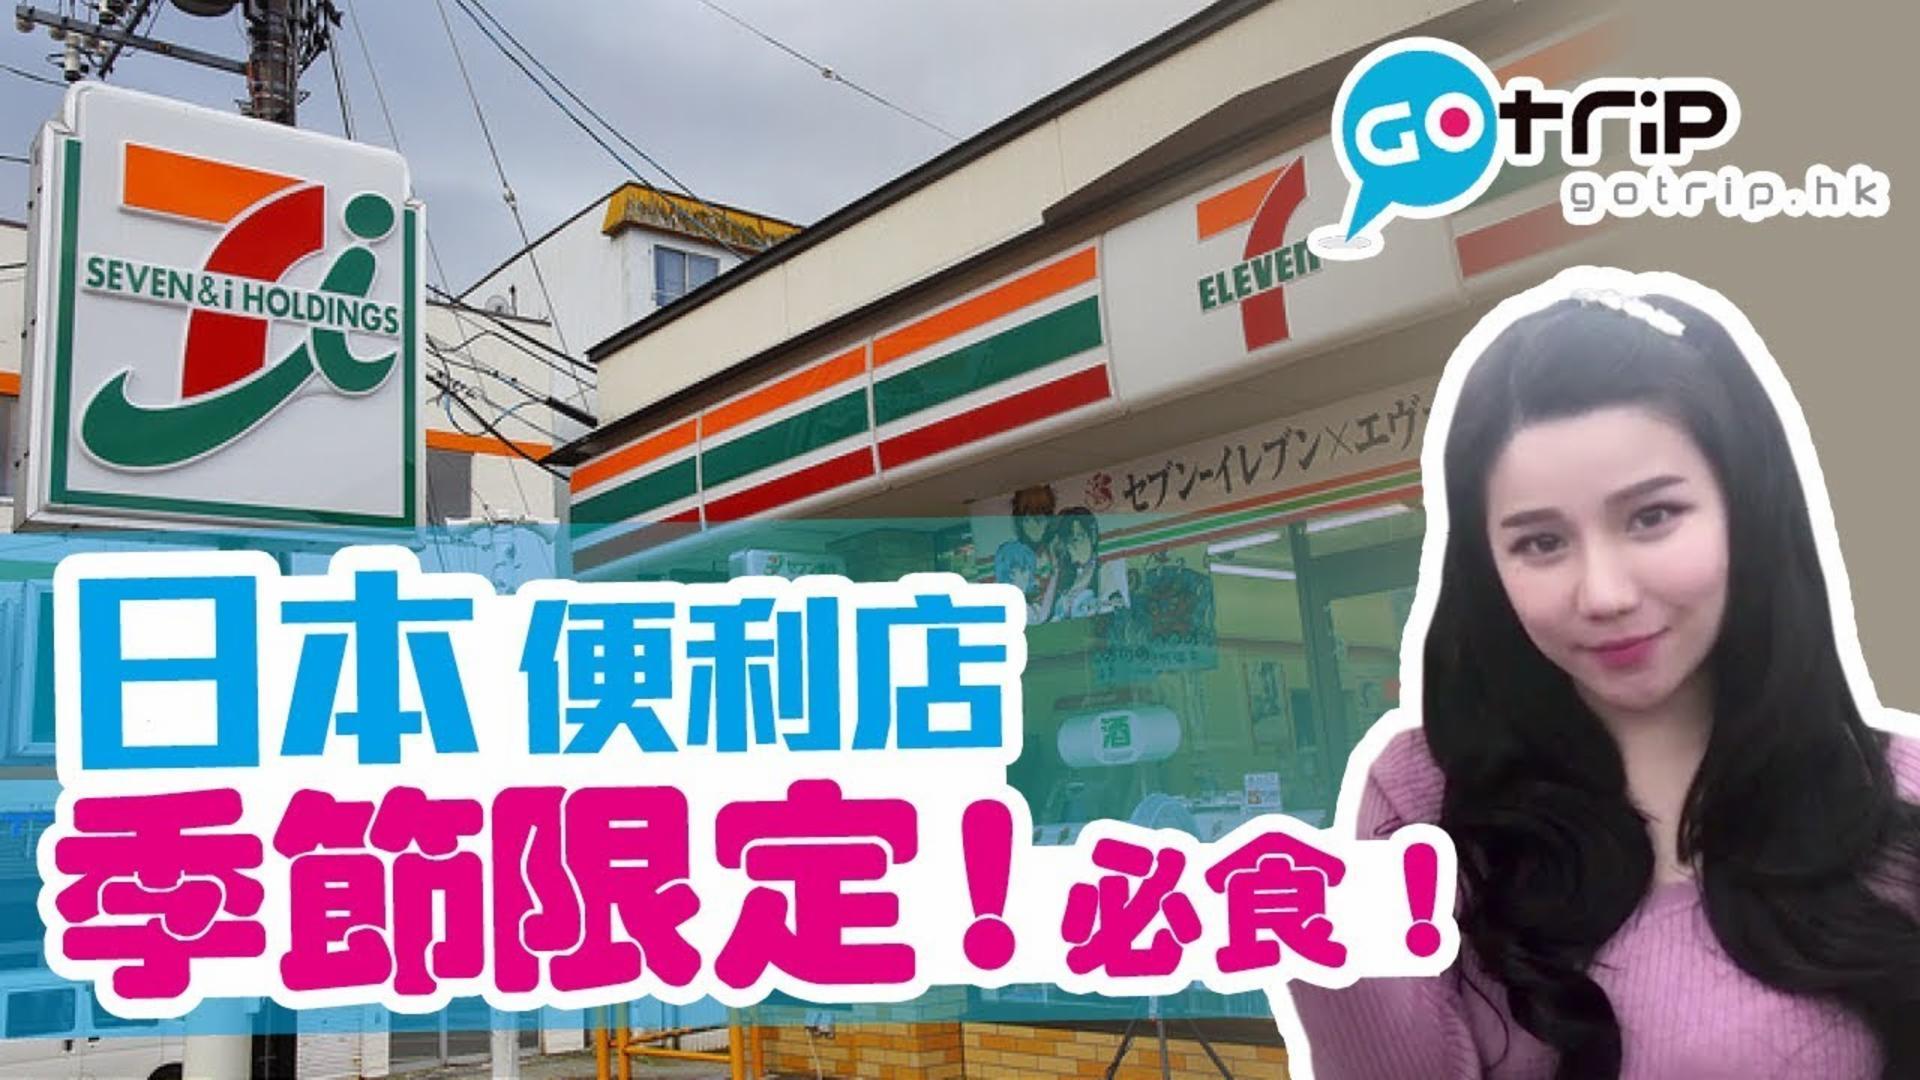 日本 便利店零食點心大巡禮 限時推出勿錯過【學做日本人】Ep.7